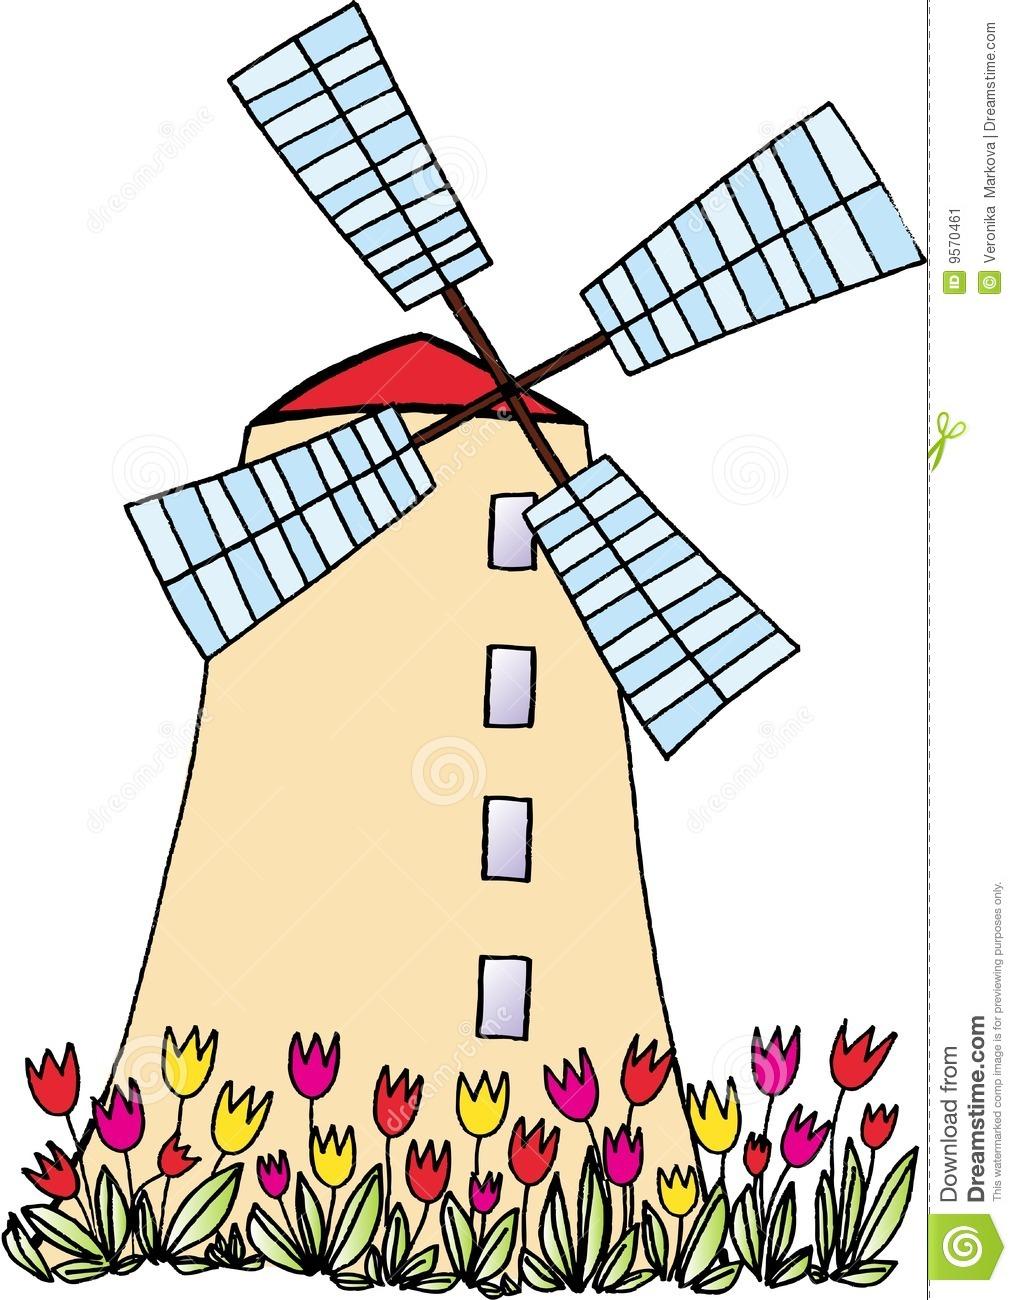 Dutch Windmill Drawing at GetDrawings.com.